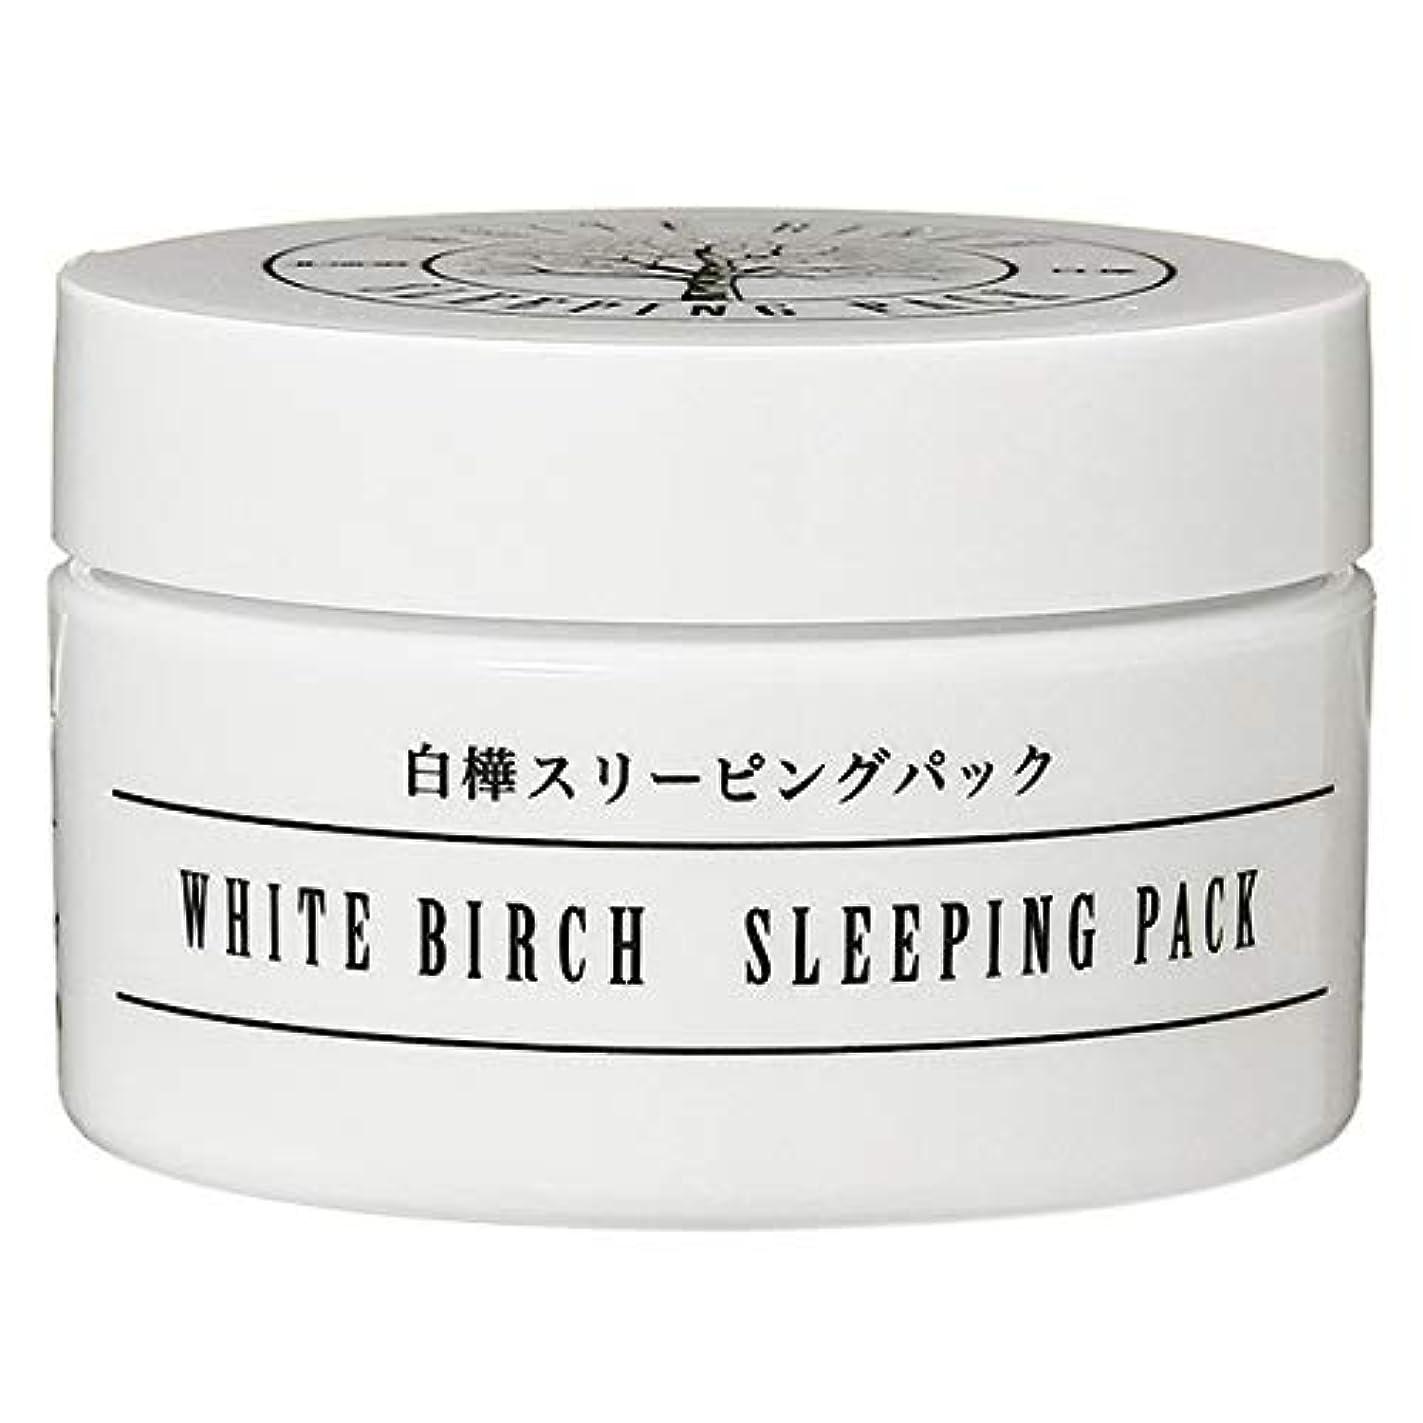 発生器娯楽残酷な北海道アンソロポロジー 白樺スリーピングパック 80g